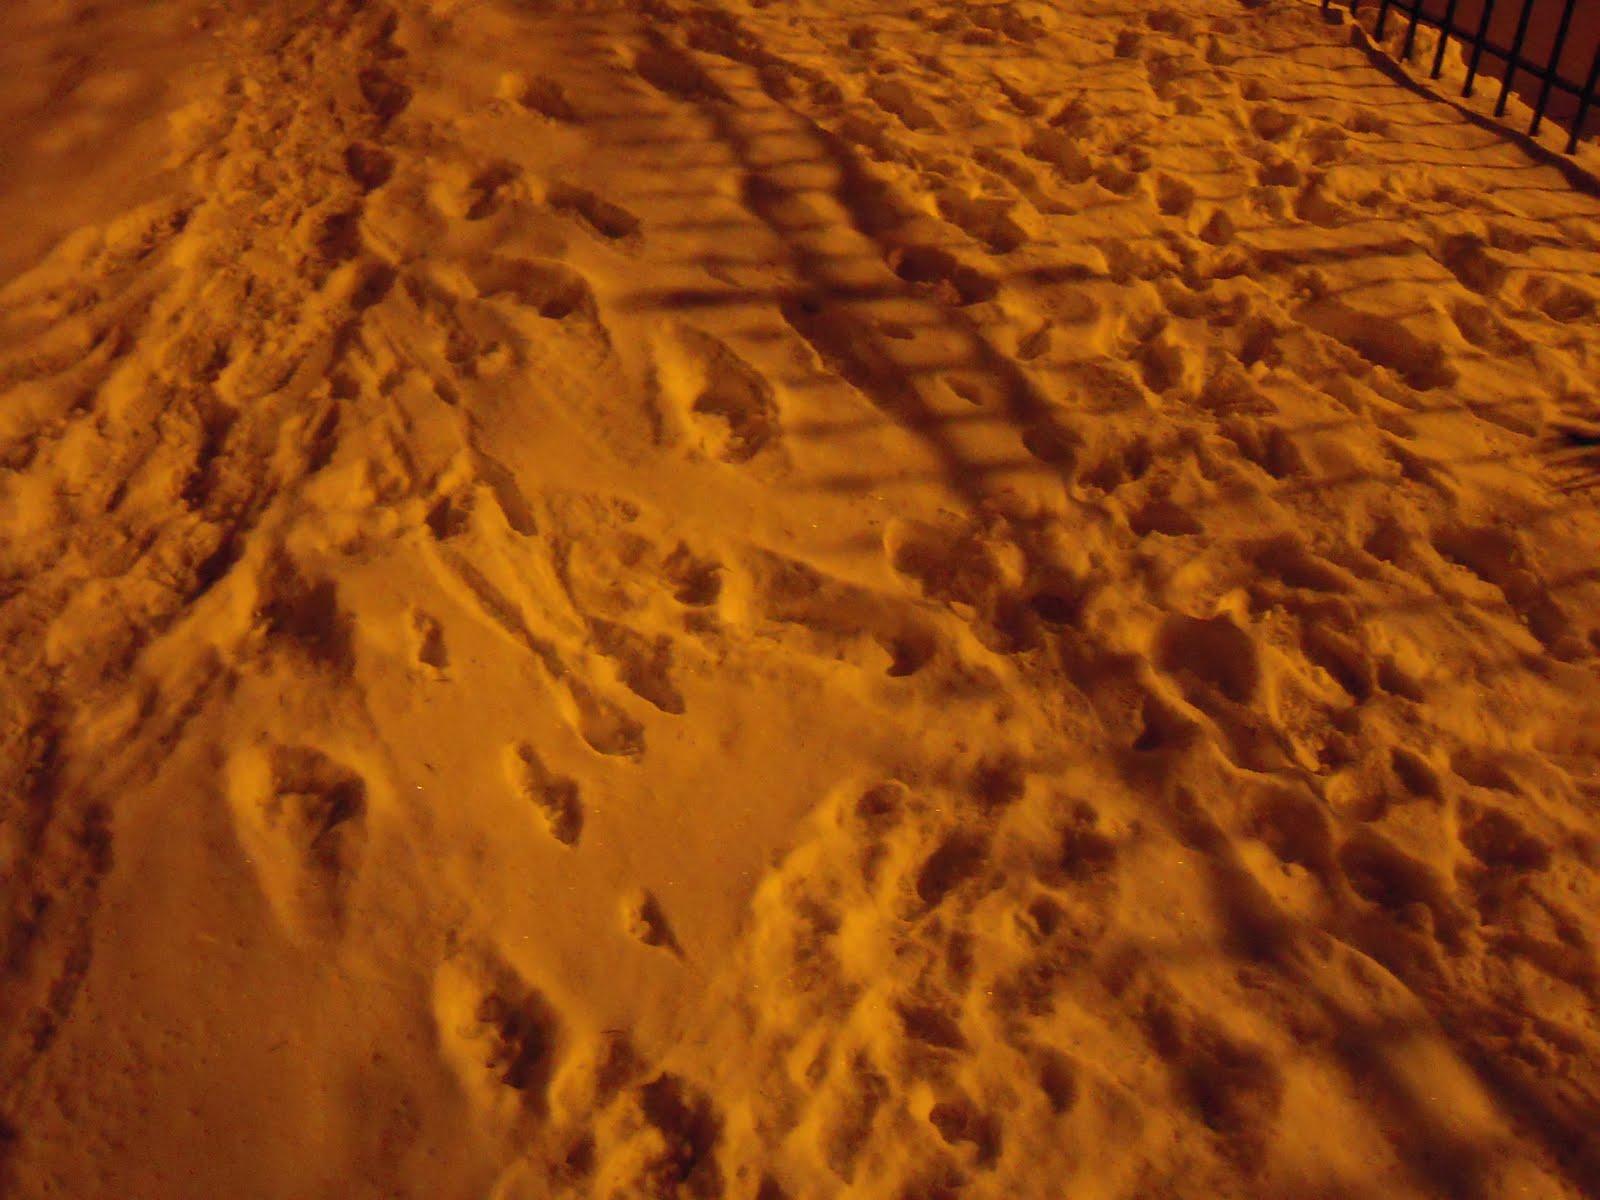 [sand+tracks]